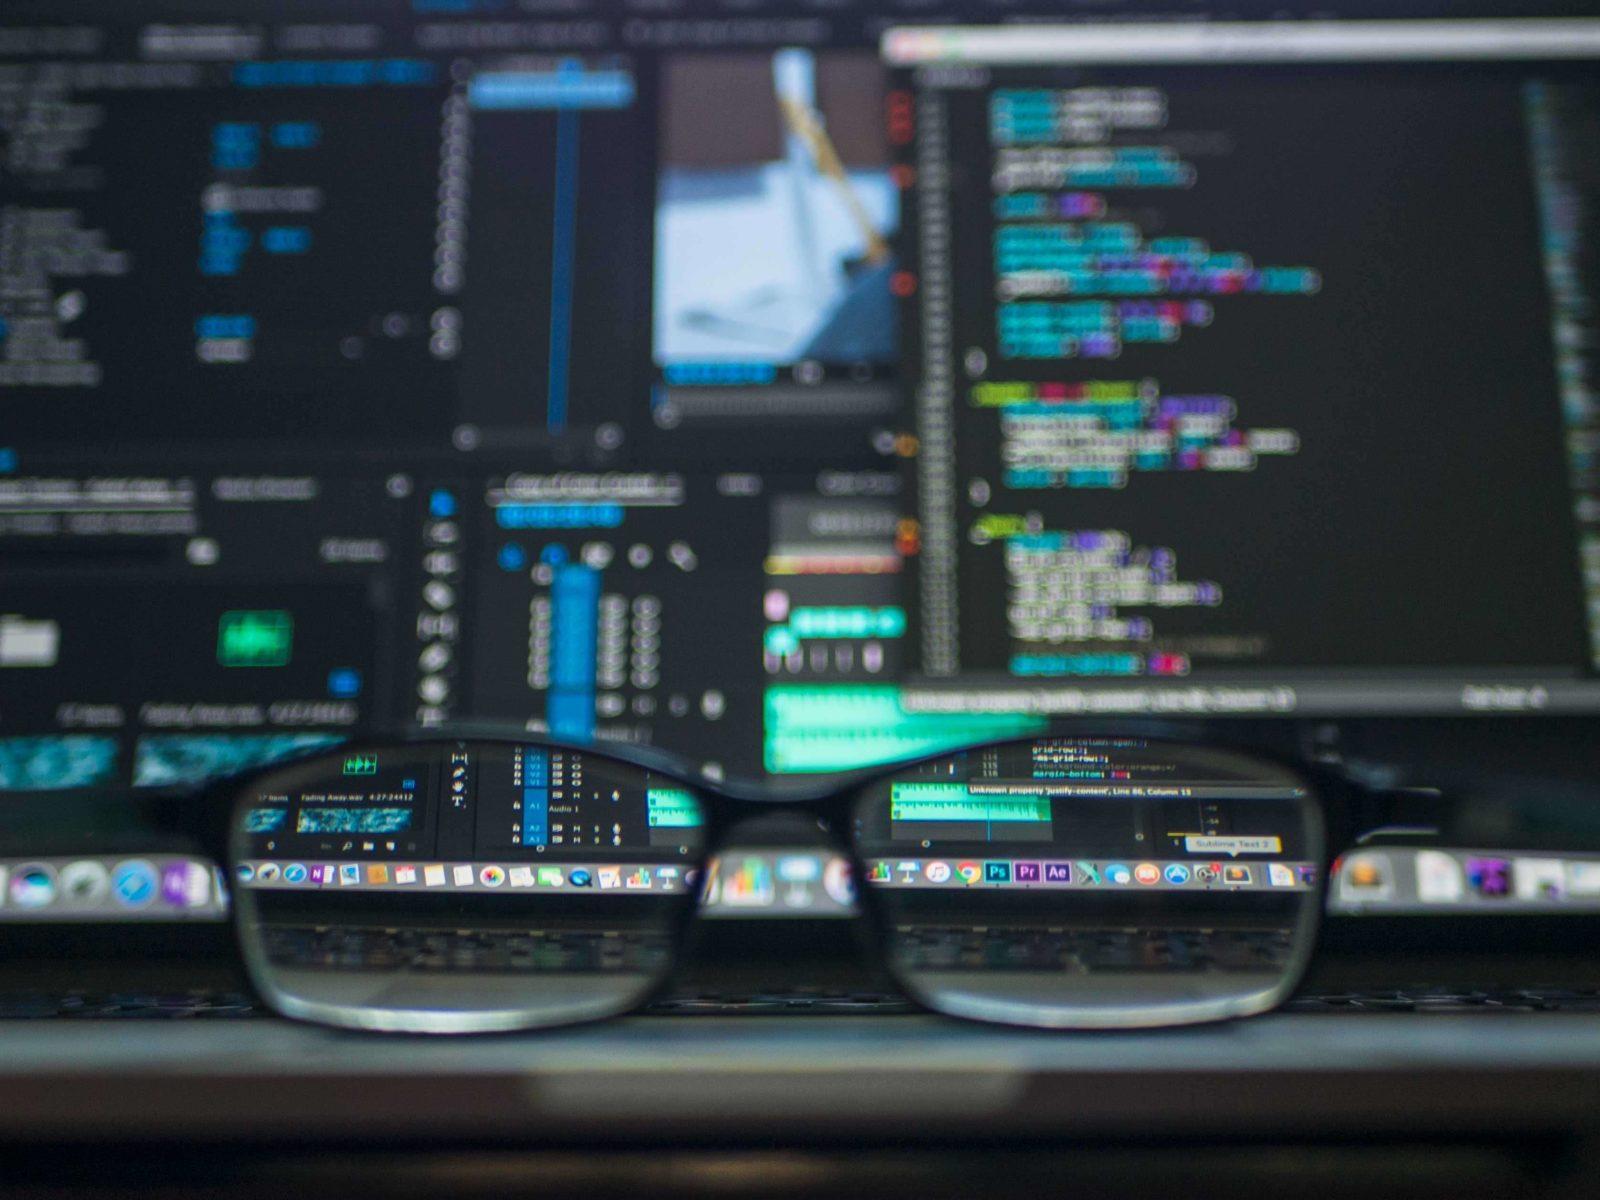 Zwei Bildschirme mit Sourcecode